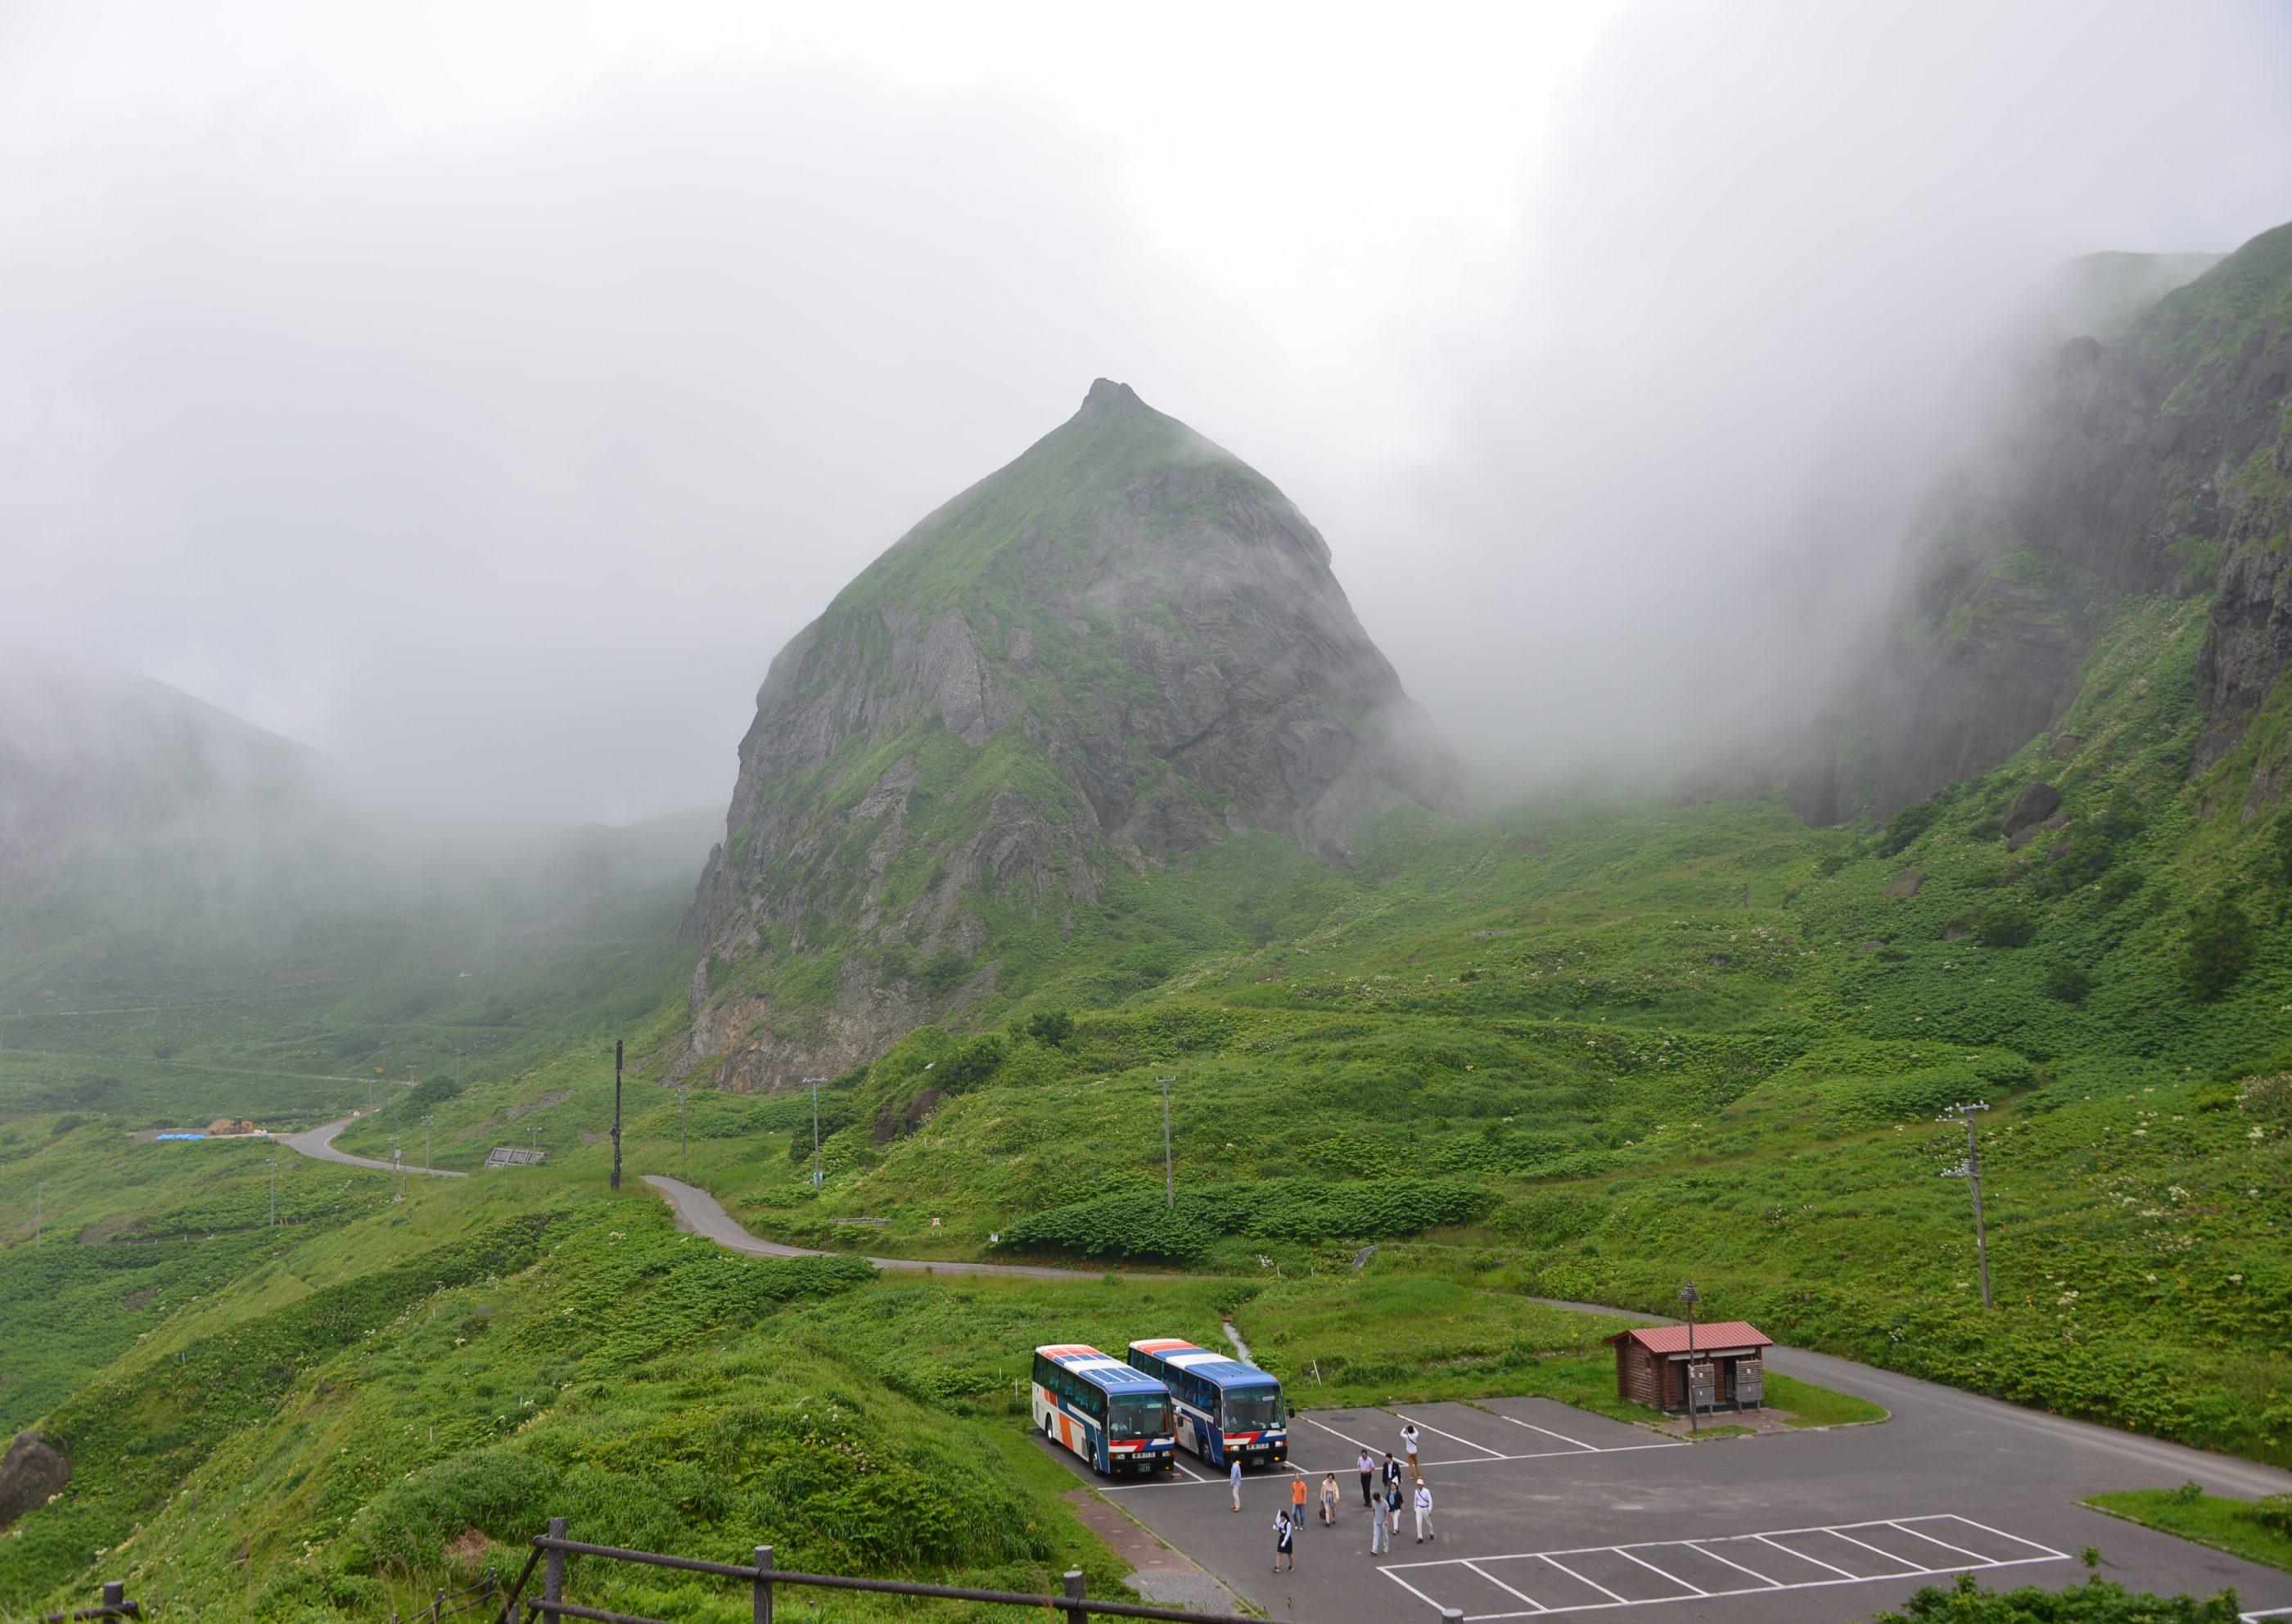 ⇑ 桃台、猫台展望台より、小さな島なので天気が変わりやすいようであった。